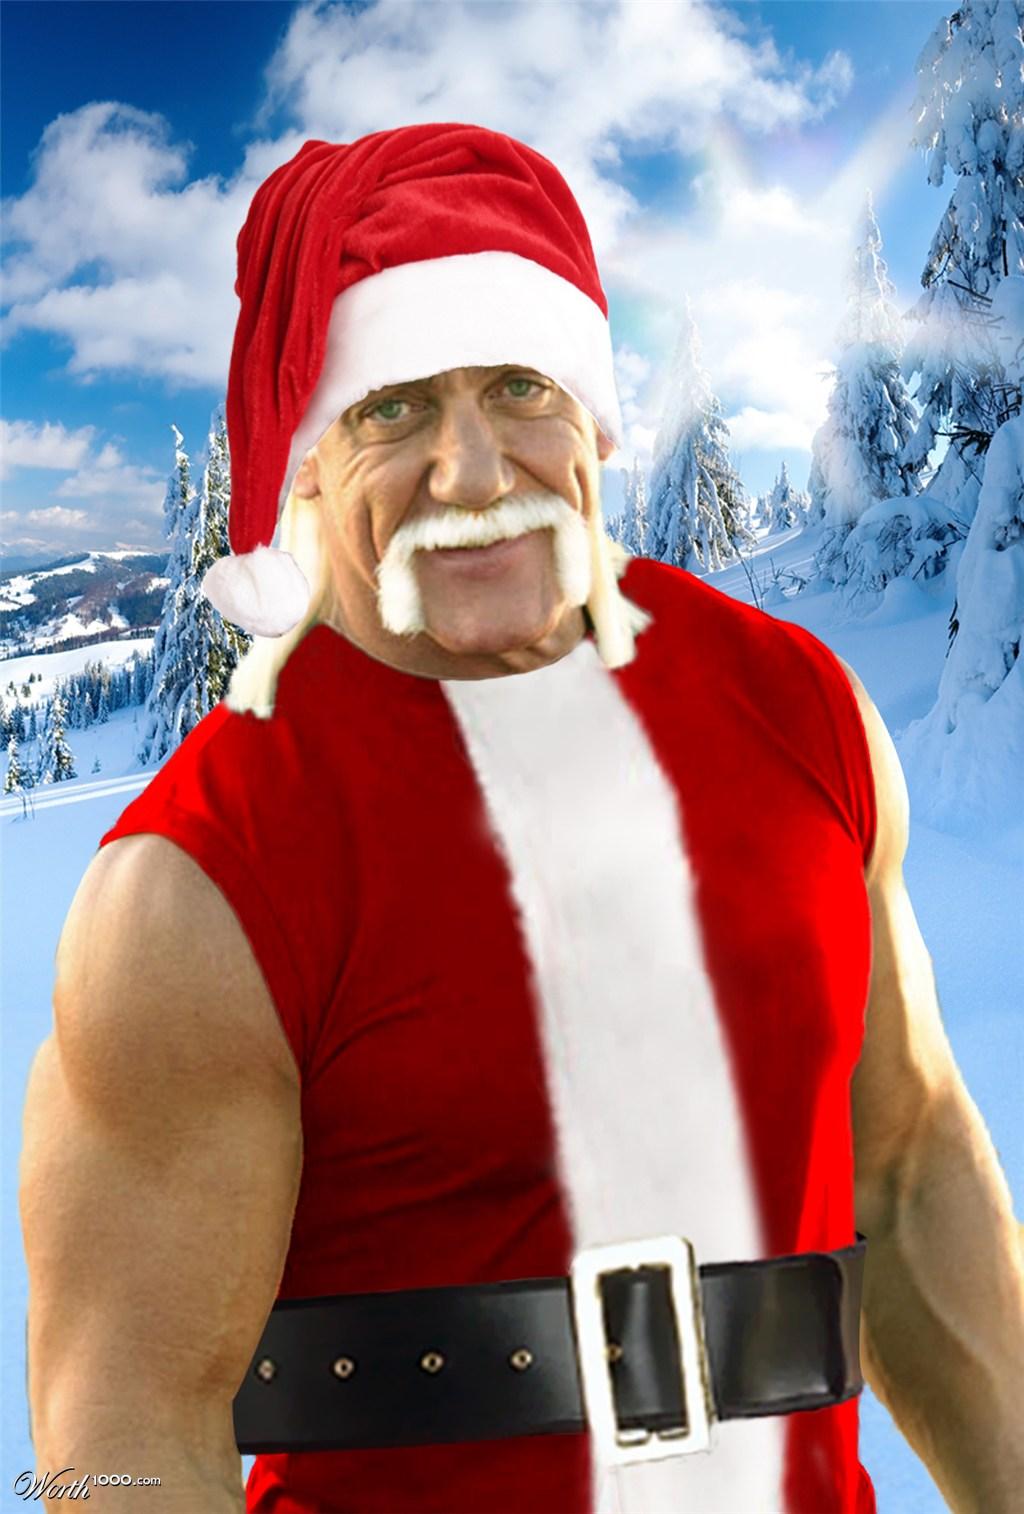 Hulk Hogan As Santa Claus